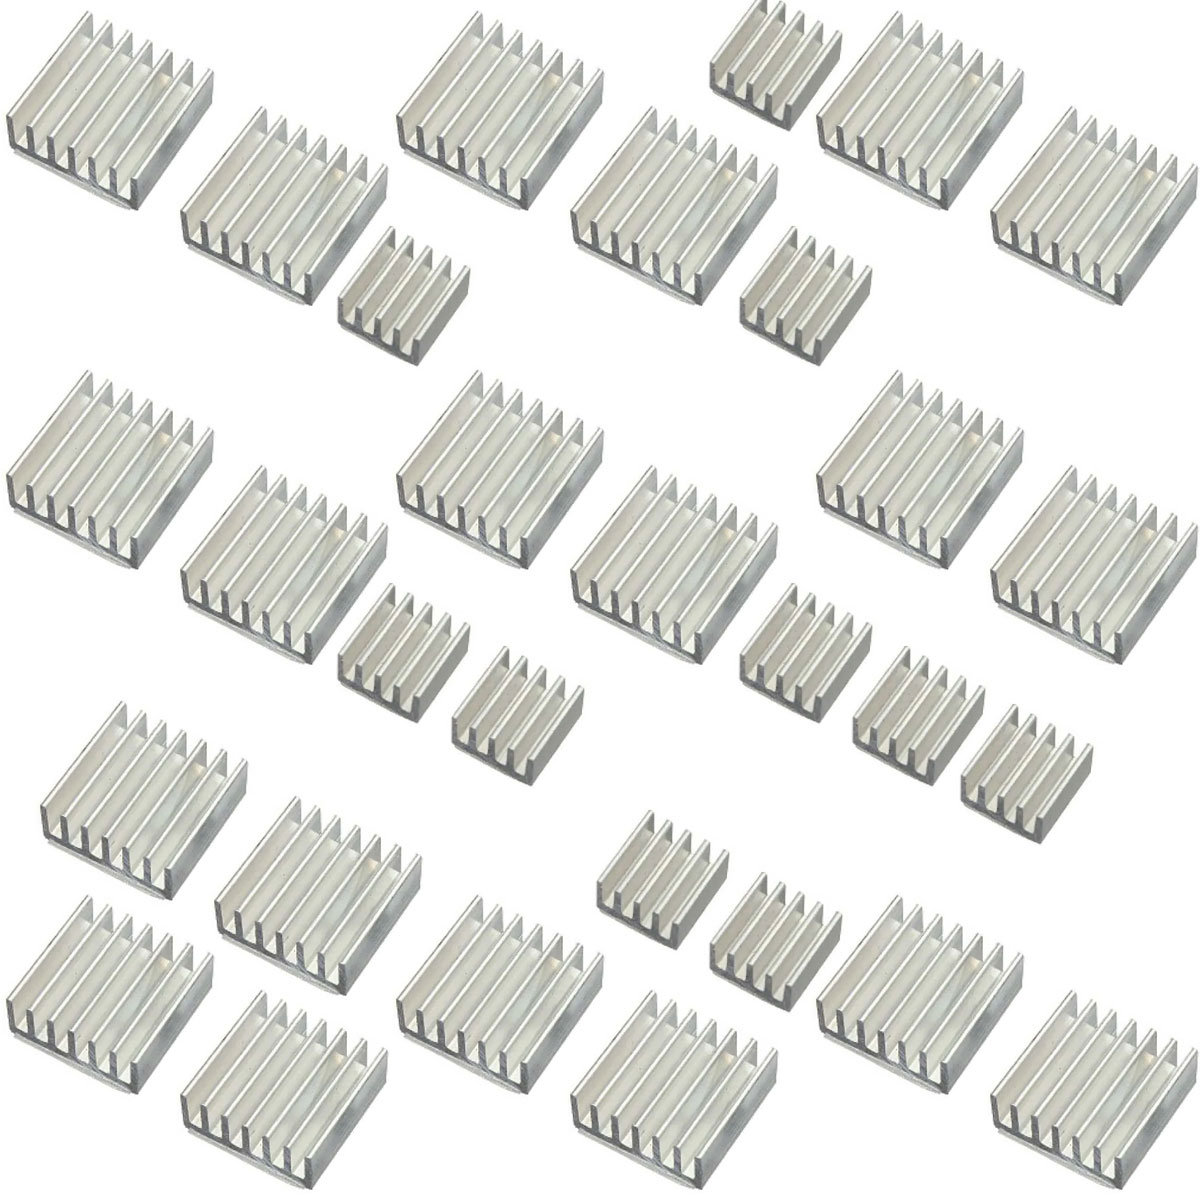 Kit com 10 conjuntos de 3 Dissipadores de Calor compatíveis com Raspberry Pi Lm2596 Arduino Esp Dc Dc